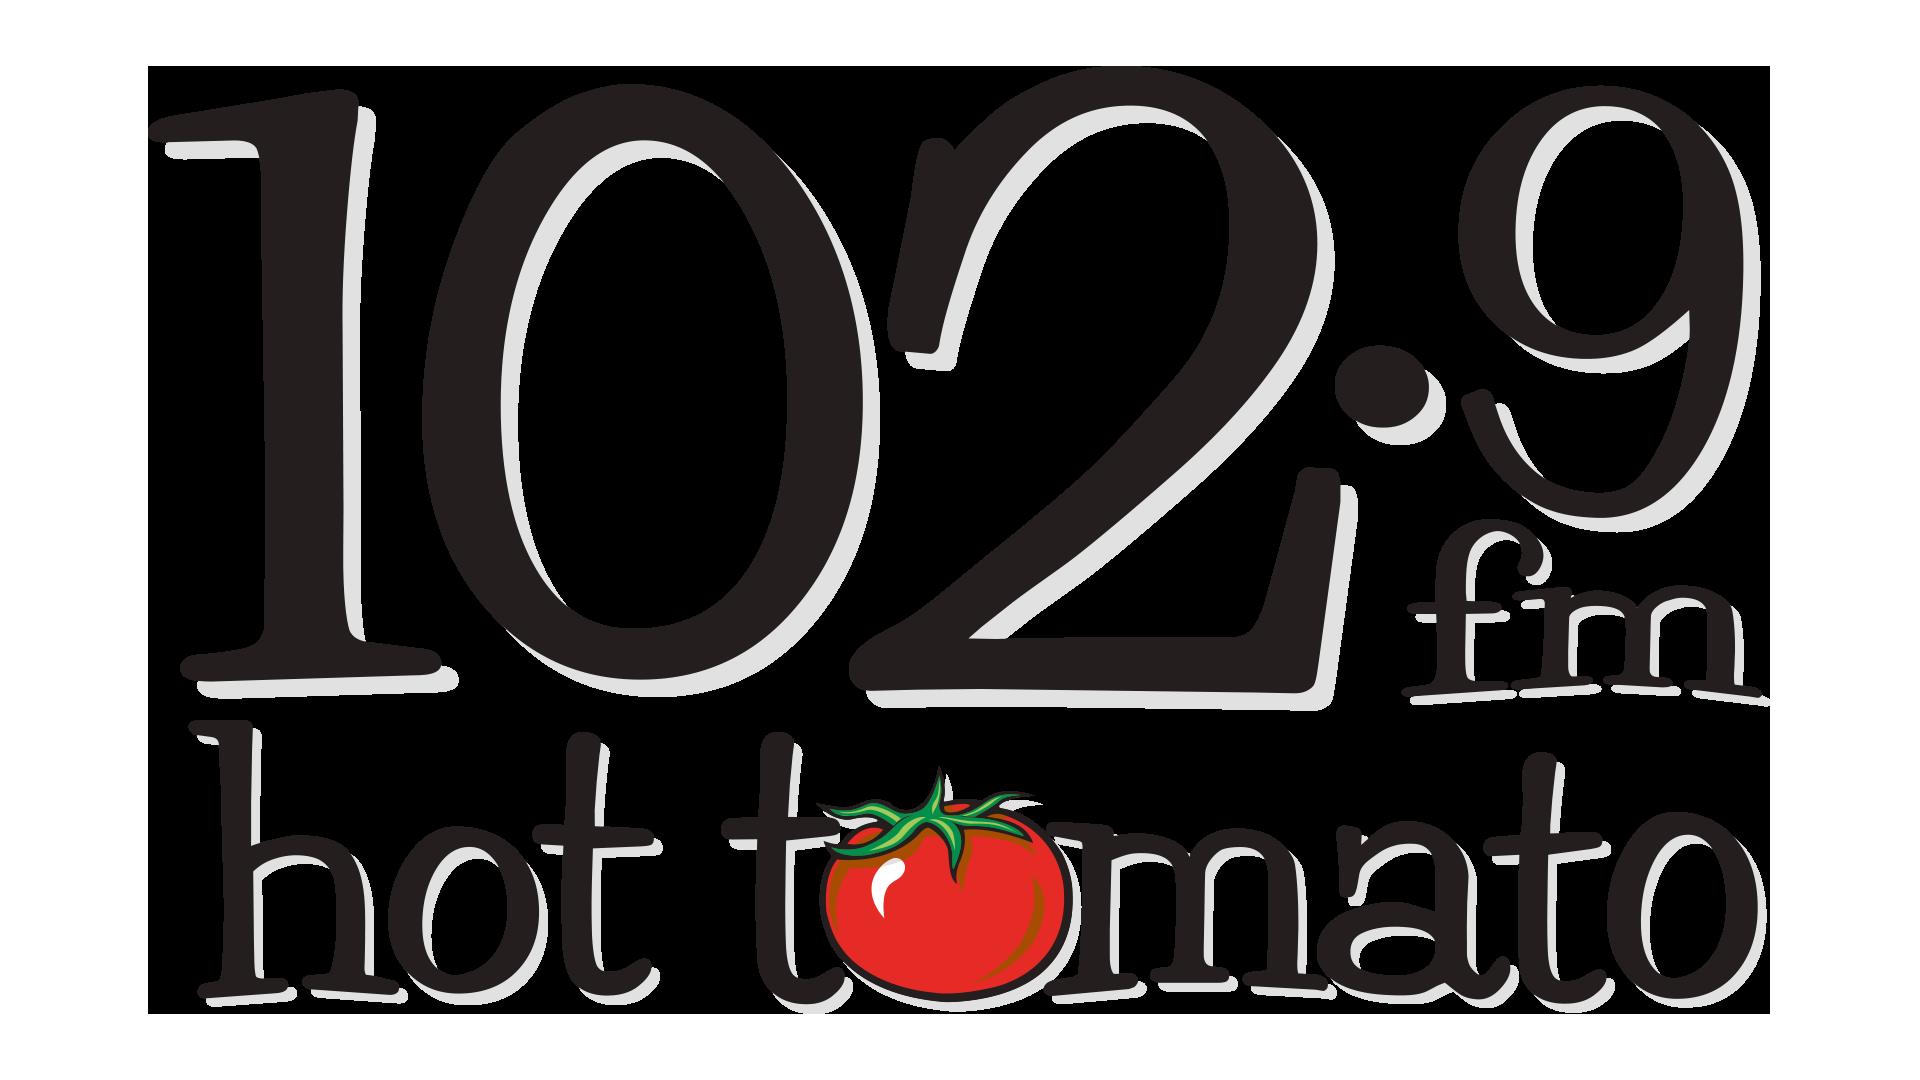 Hot Tomato 102.9